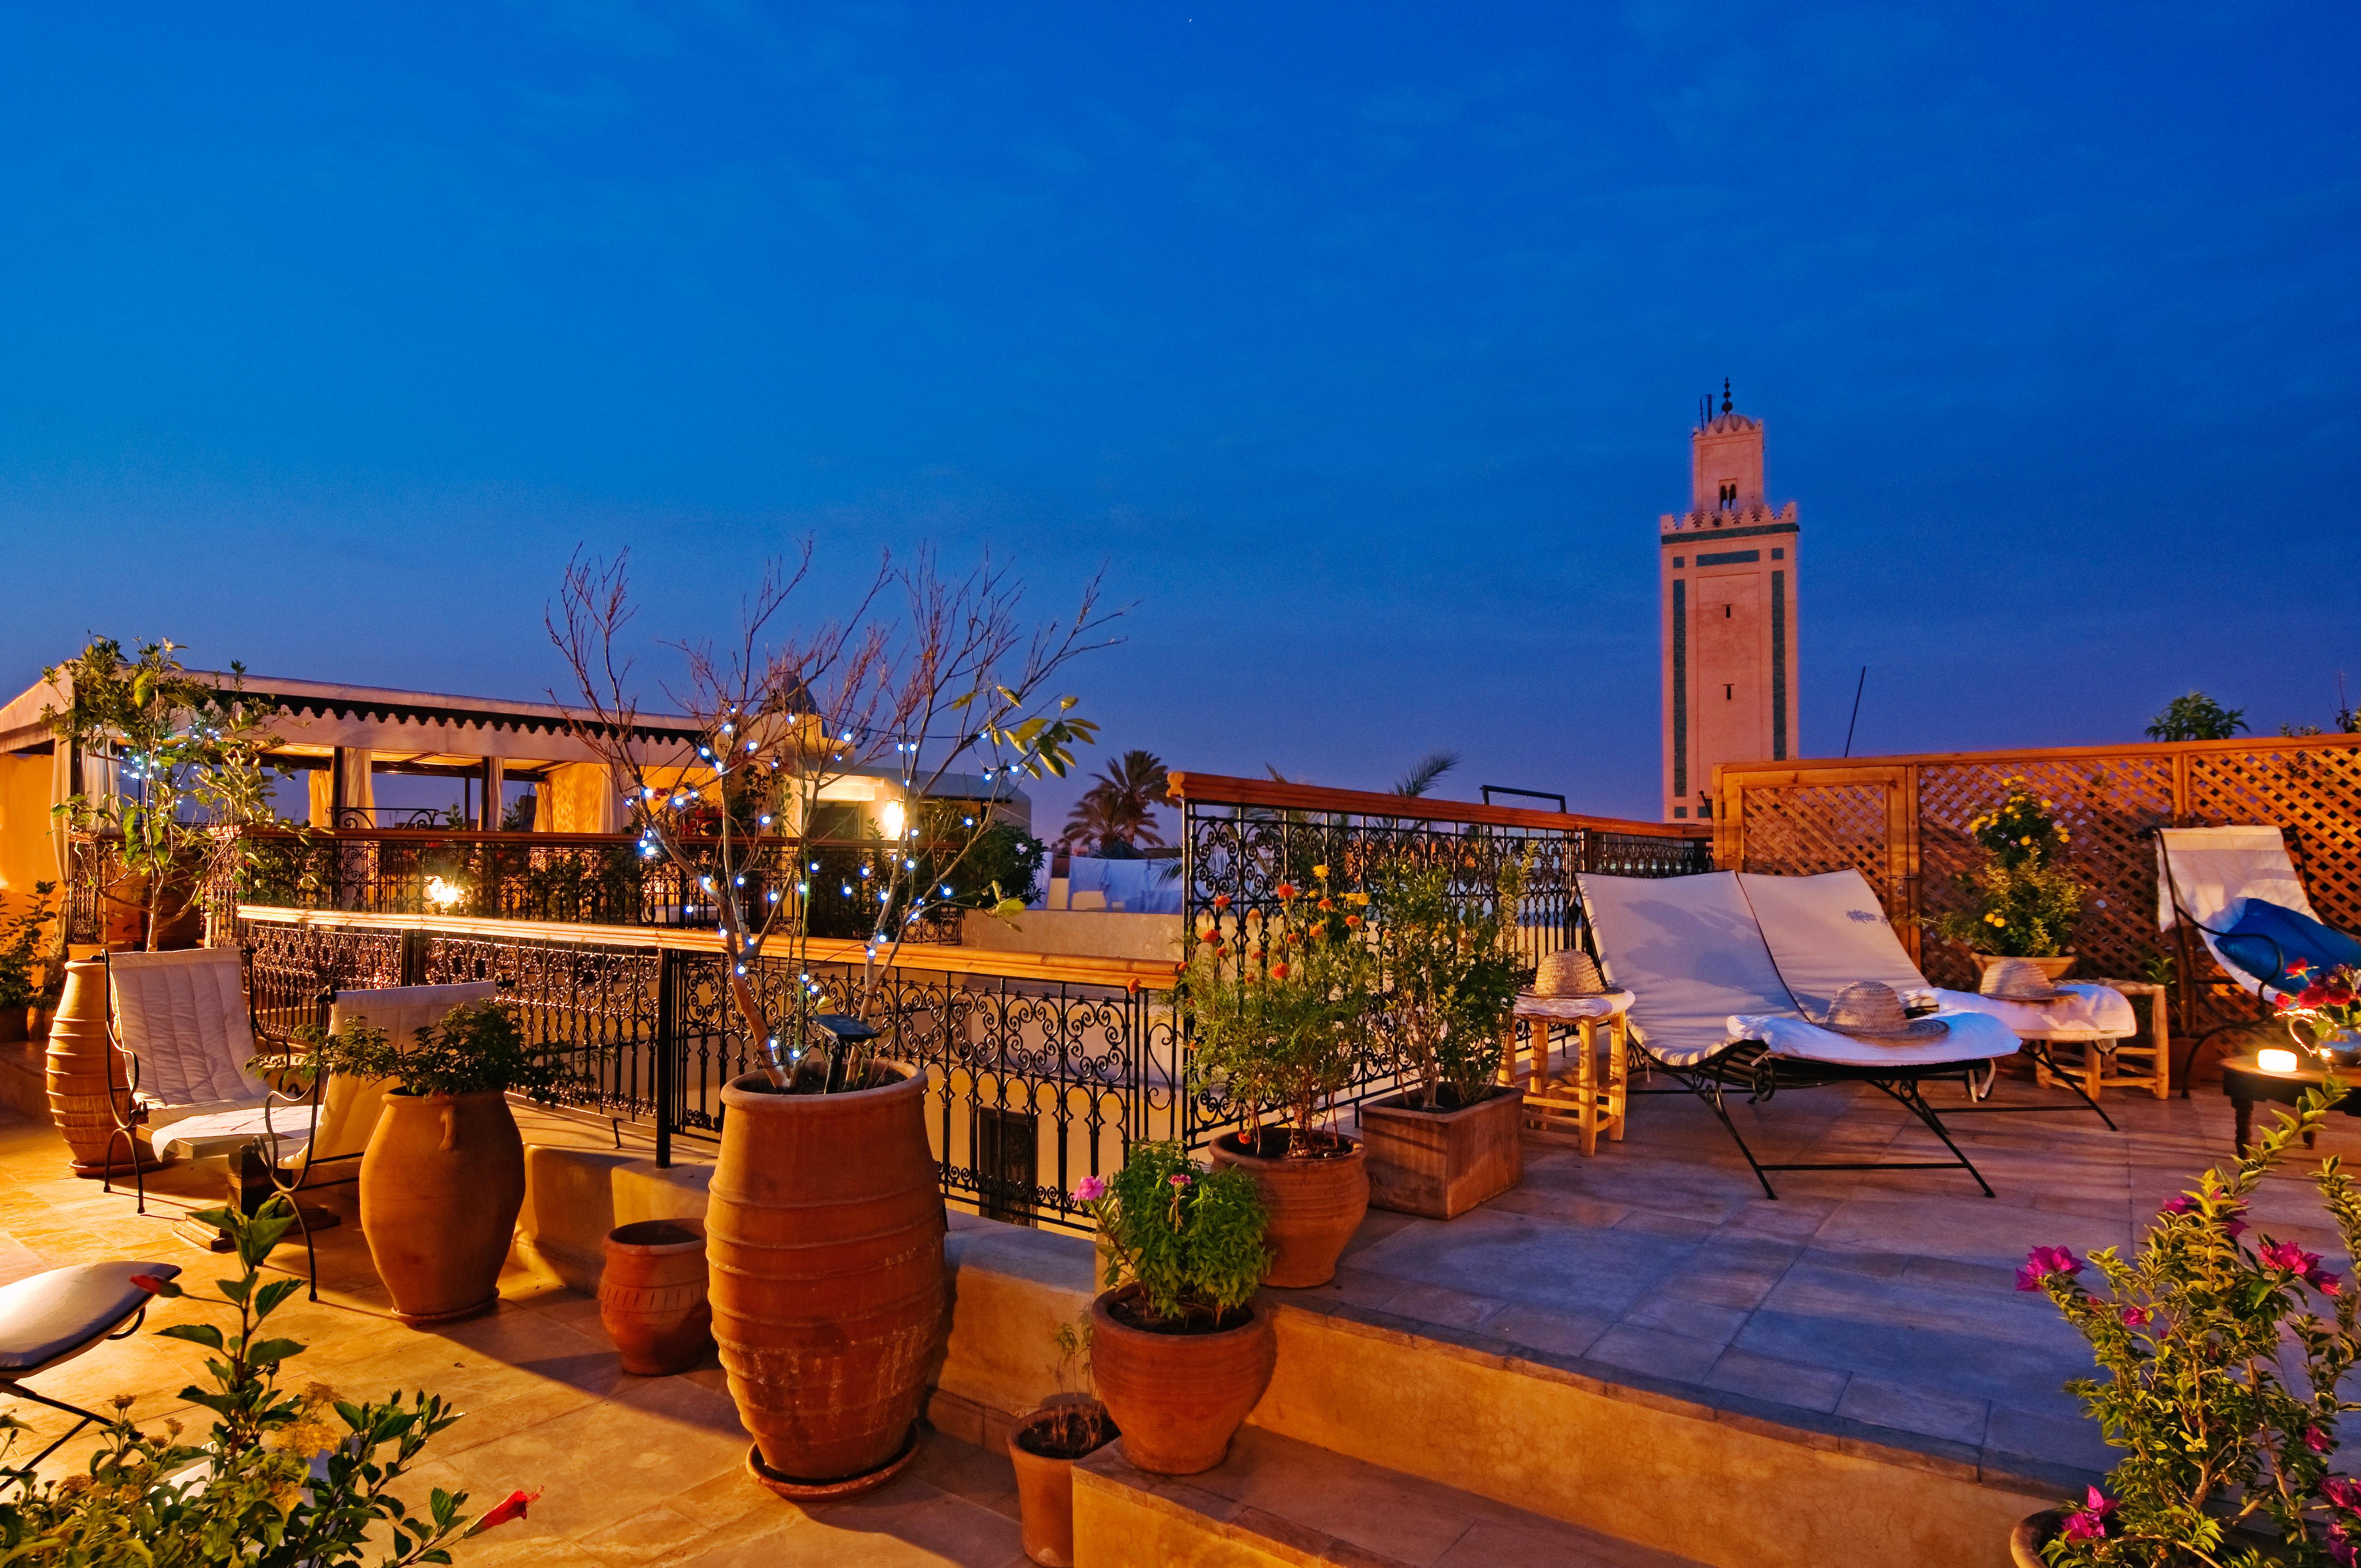 Best Rooftop Bar Laguna Beach